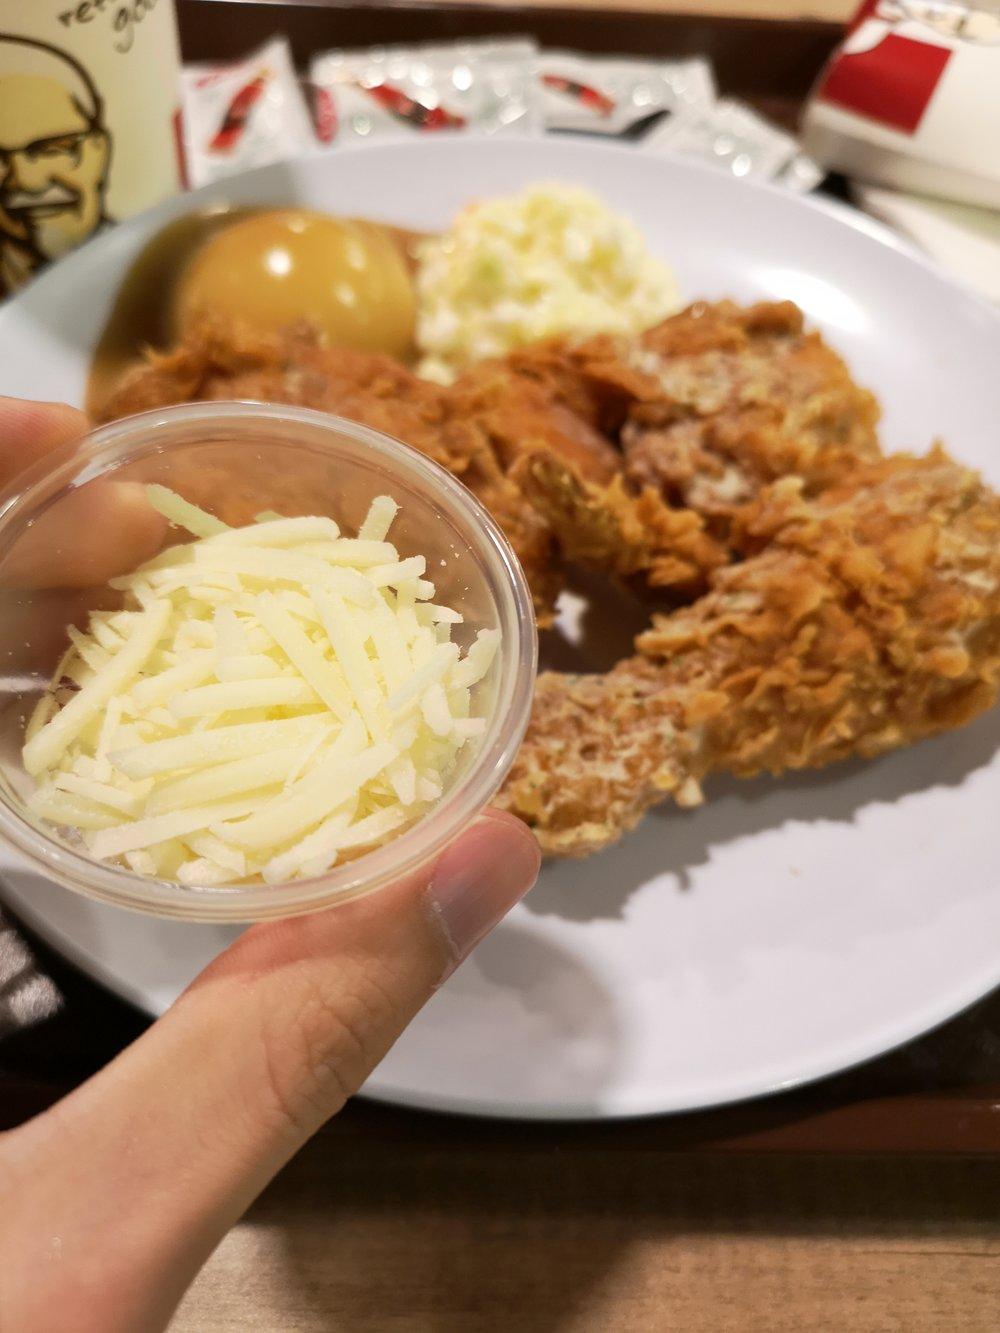 KFC Parmesan Crunch Chicken Cheese